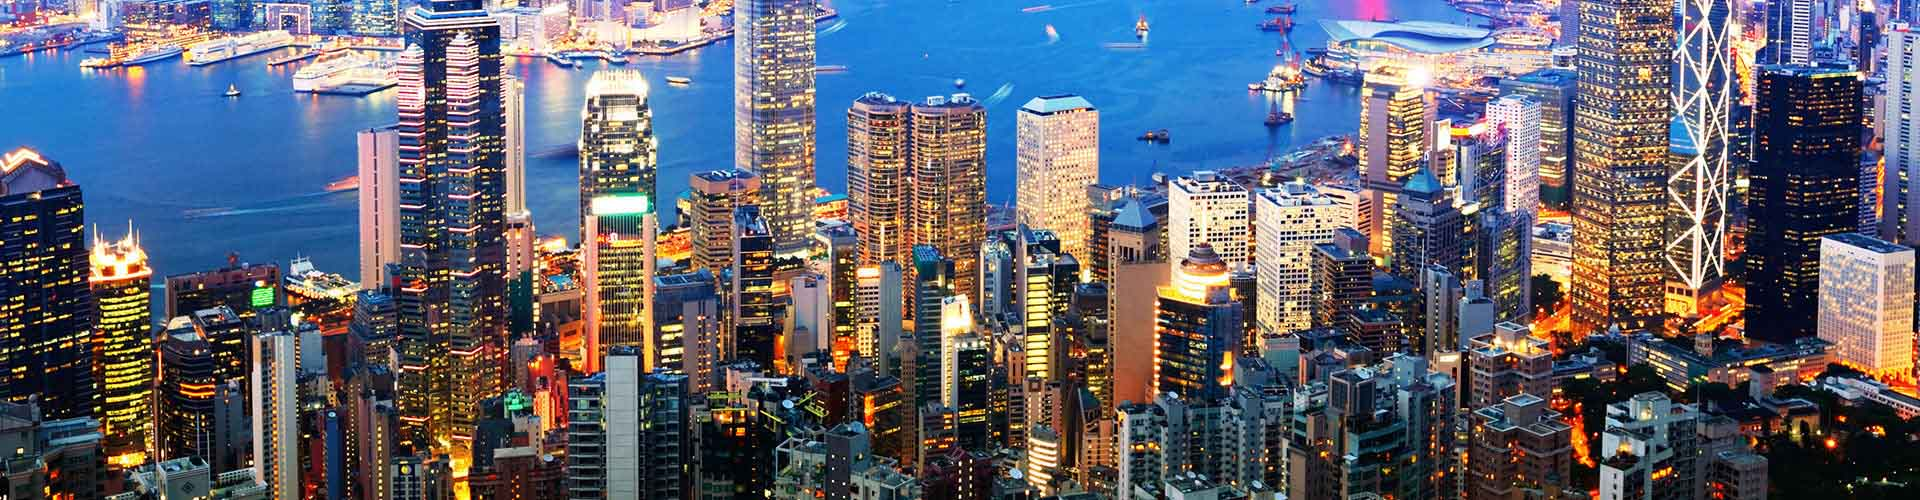 Hongkong - Zelten in Hongkong. Hongkong auf der Karte. Fotos und Bewertungen für jeden Zeltplatz in Hongkong.